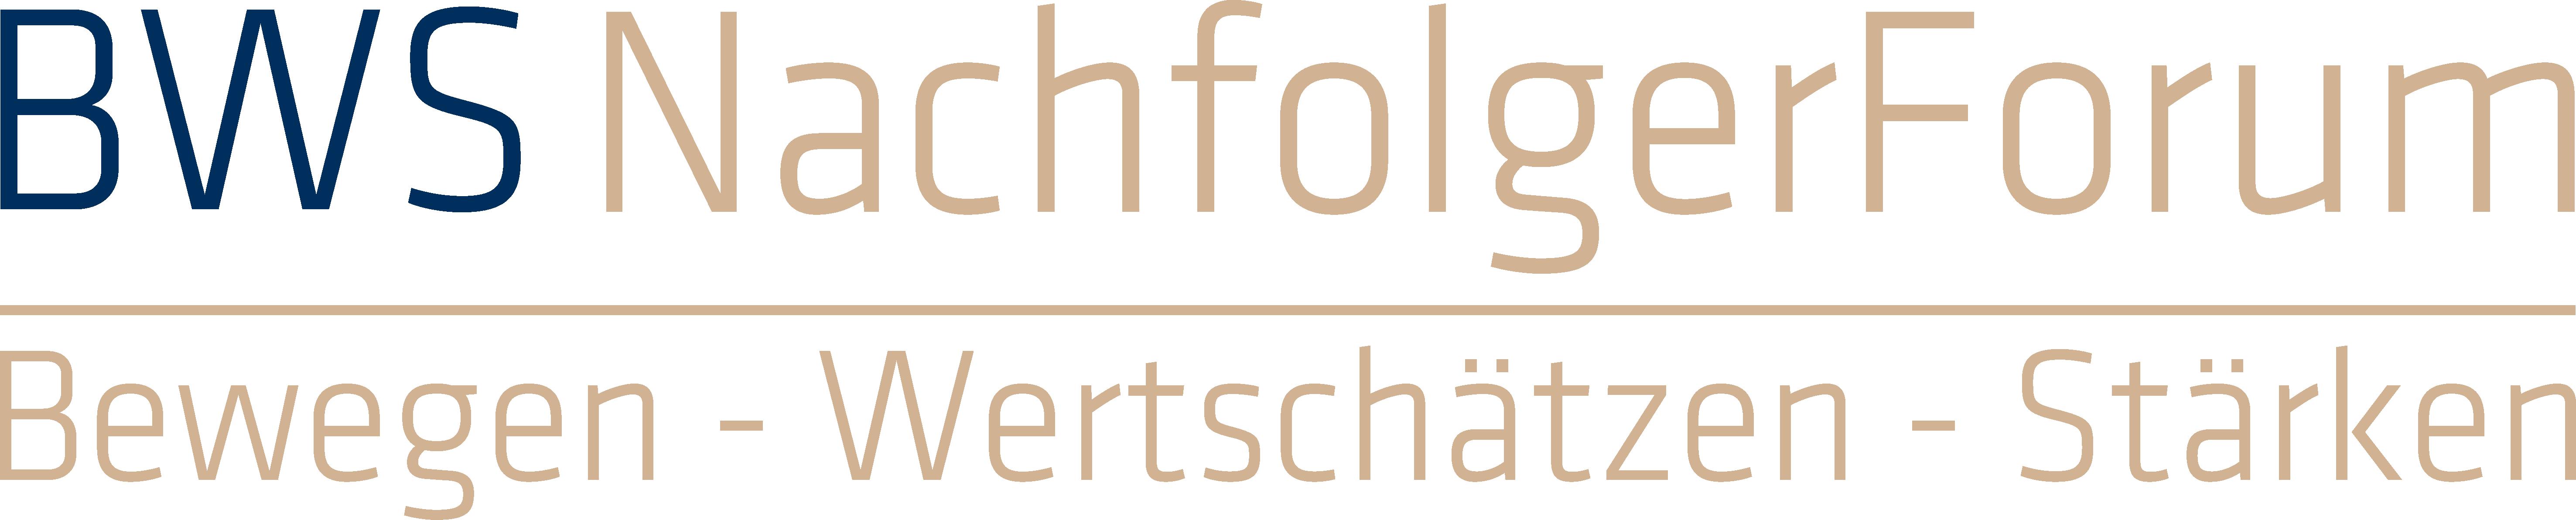 Bws Nachfolgerforum Logo